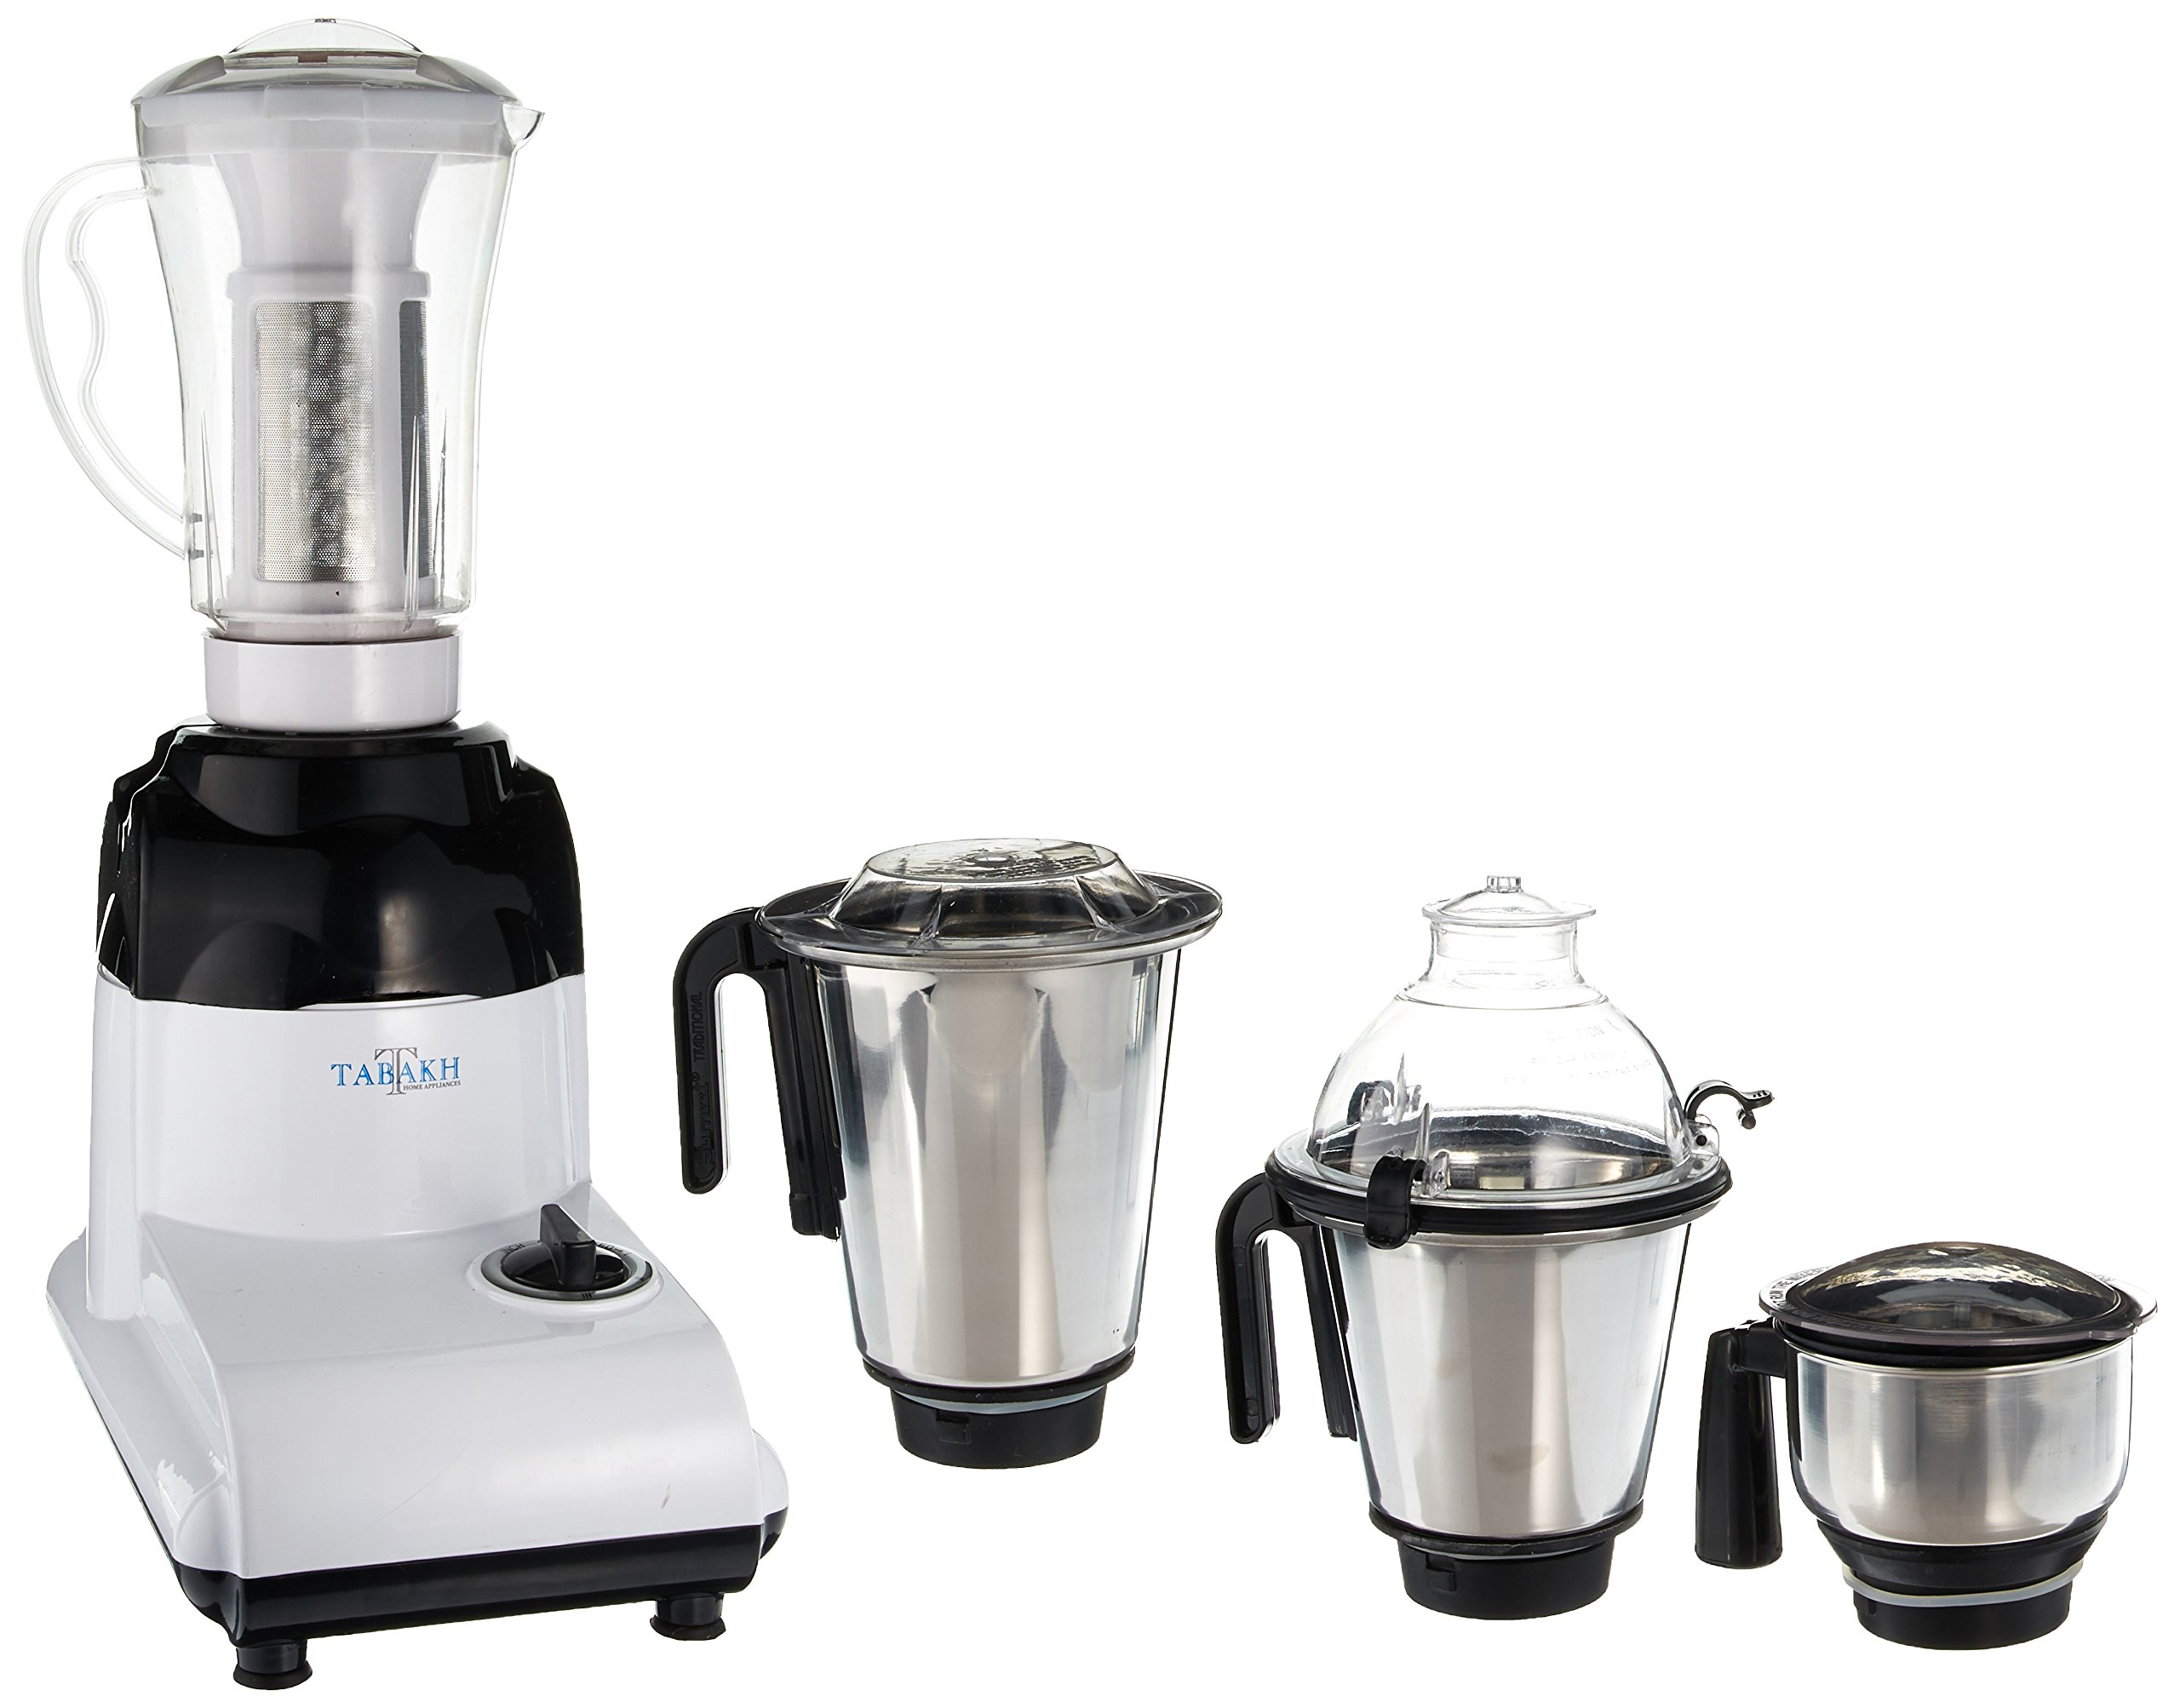 Tabakh D-Lite Pro Indian Mixer Grinder | 3-Jar + Juicer | 750 Watts | 110-Volts